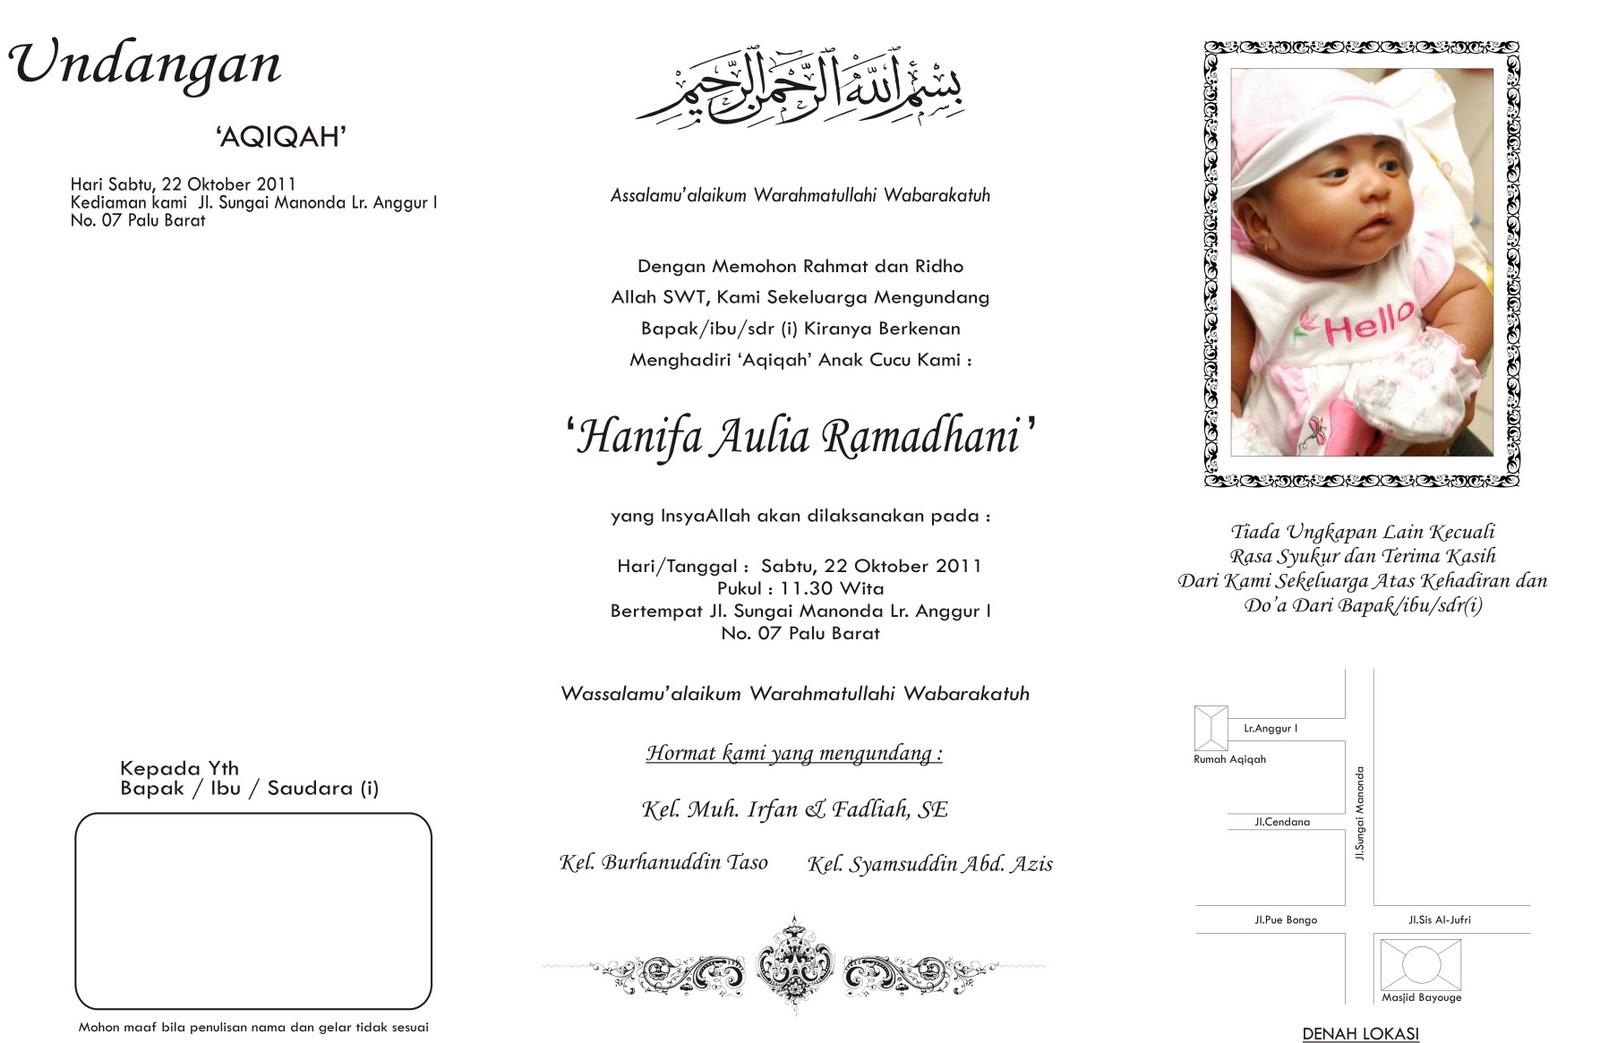 Tata Cara Aqiqah Menurut Agama Islam Backup_of_Undangan+aqiqah